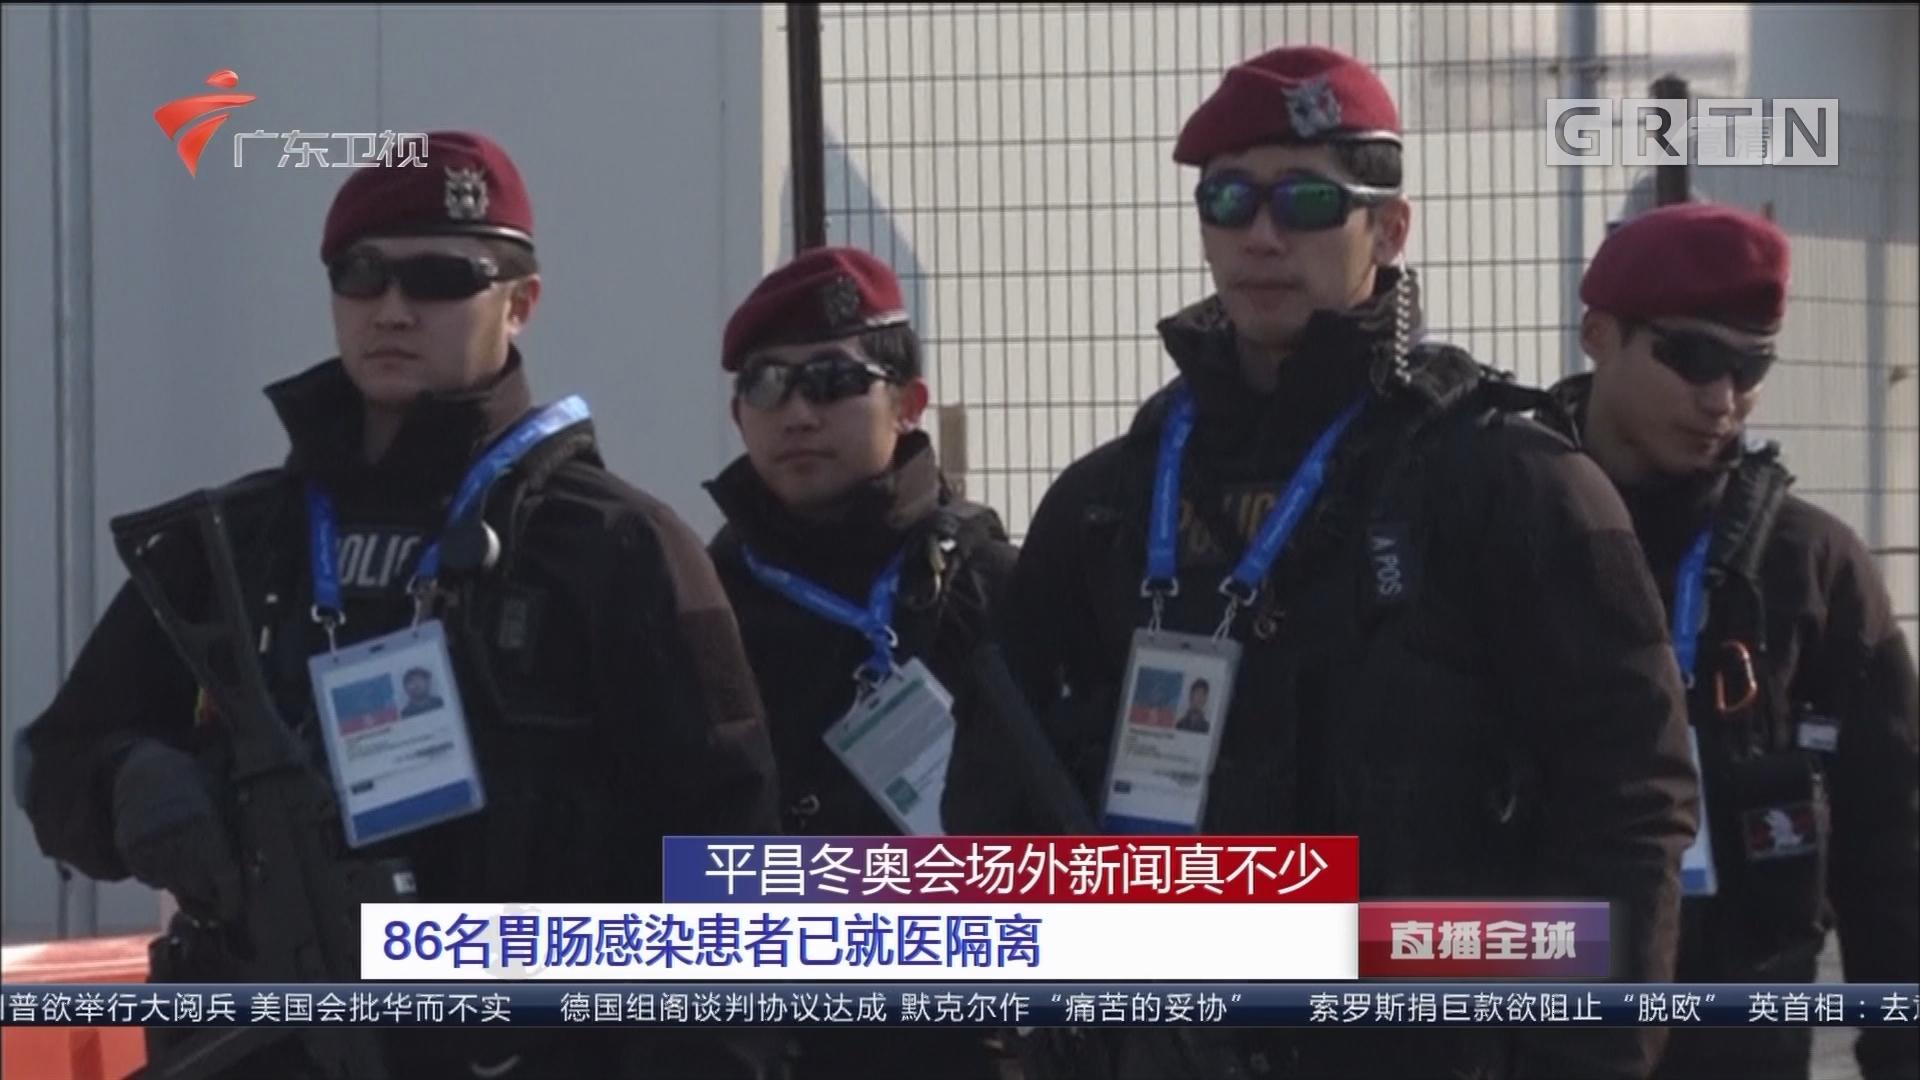 平昌冬奥会场外新闻真不少:86名胃肠感染患者已就医隔离